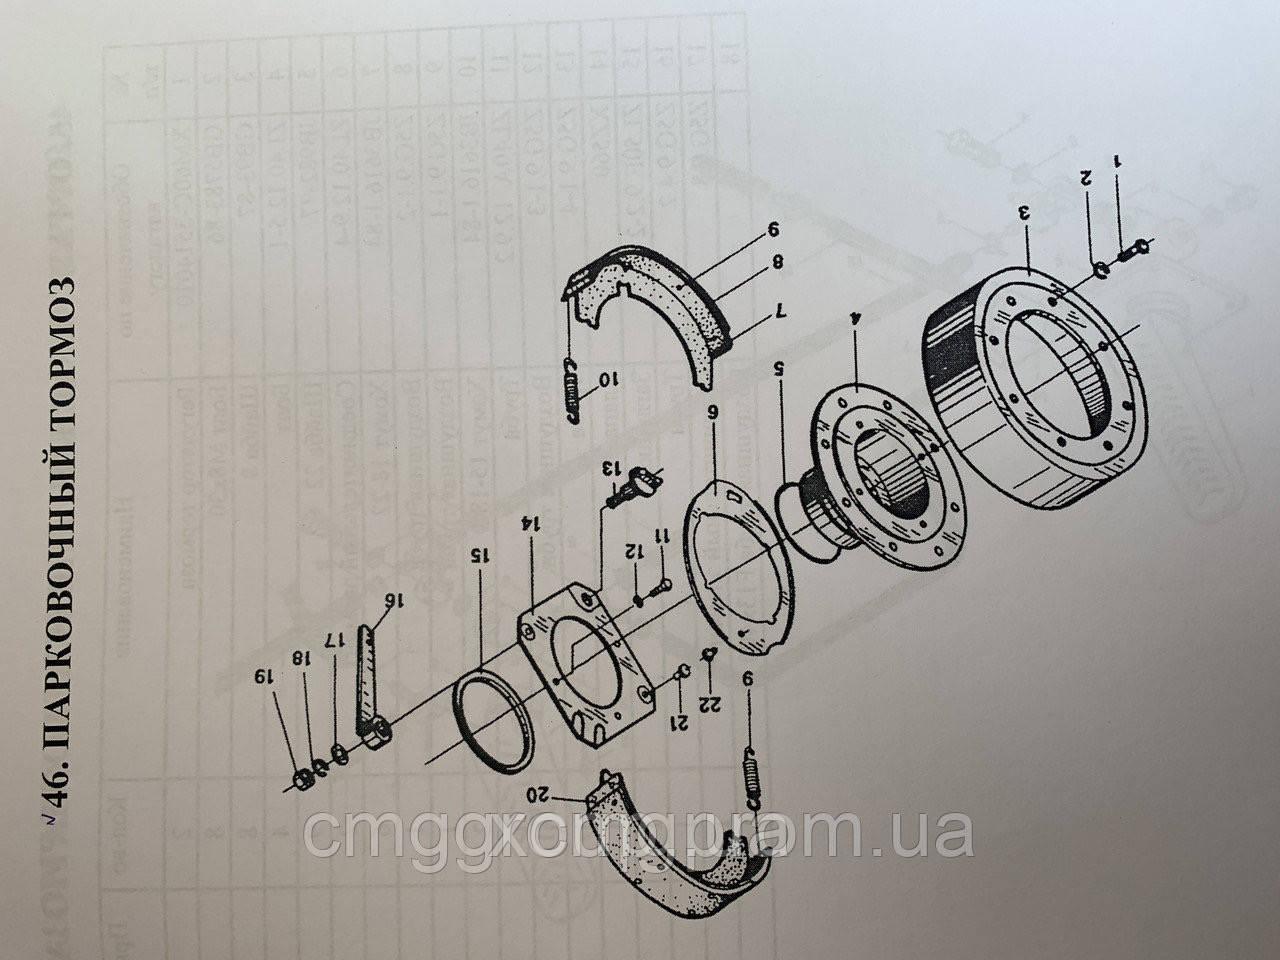 Барабан гальмівного ручника YCX-4 фронтального навантажувача ZL50G XCMG